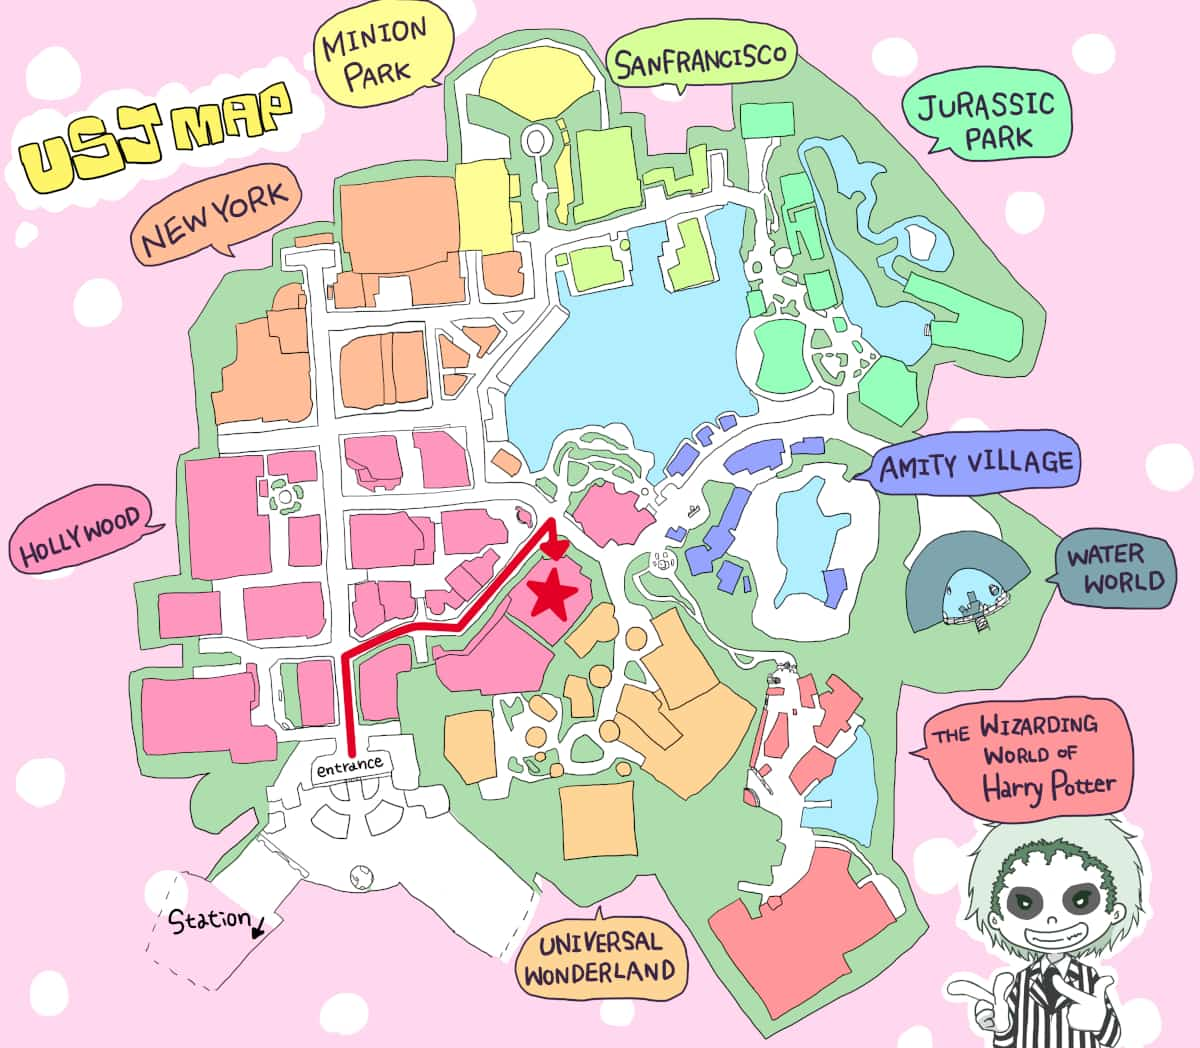 ユニバーサル・モンスター・ライブ・ロックンロール・ショー地図